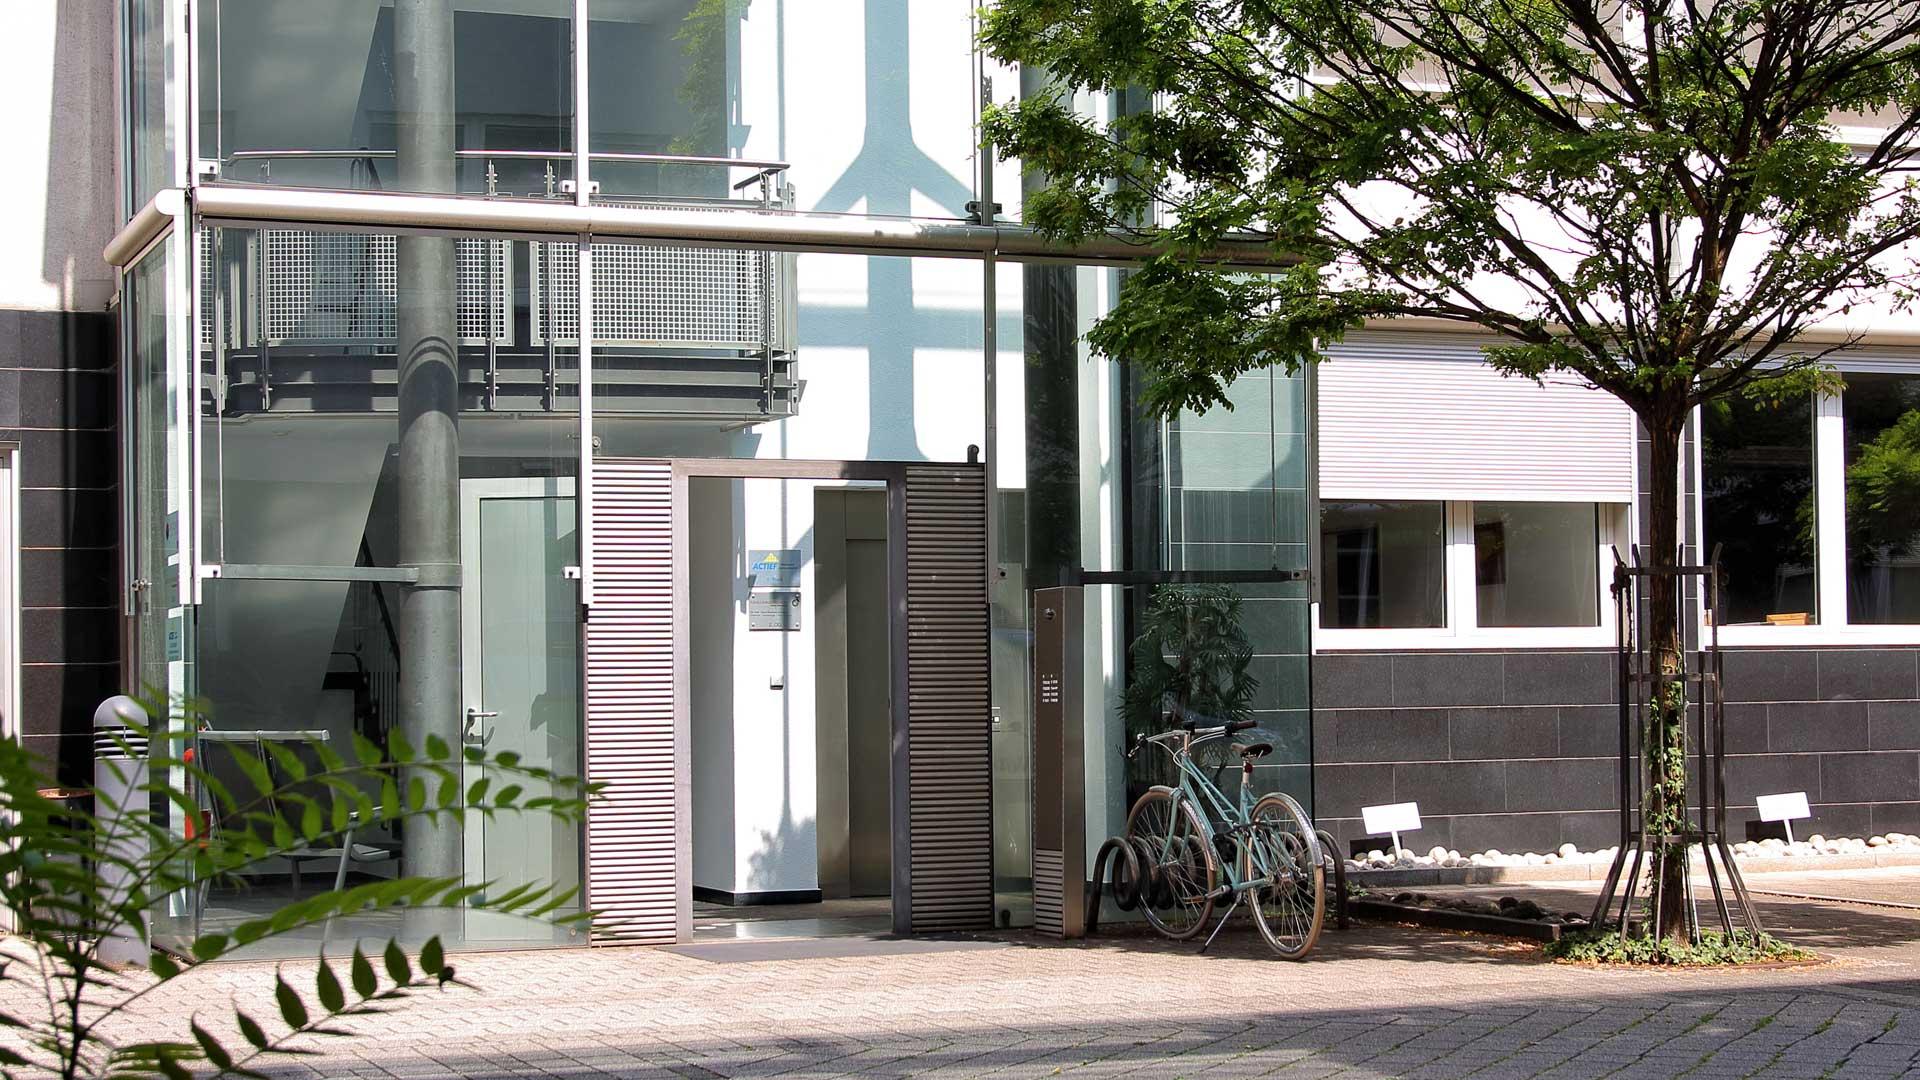 Kardiocentrum Frankfurt Praxis Offenbach, Luisenstraße, Eingangsbereich